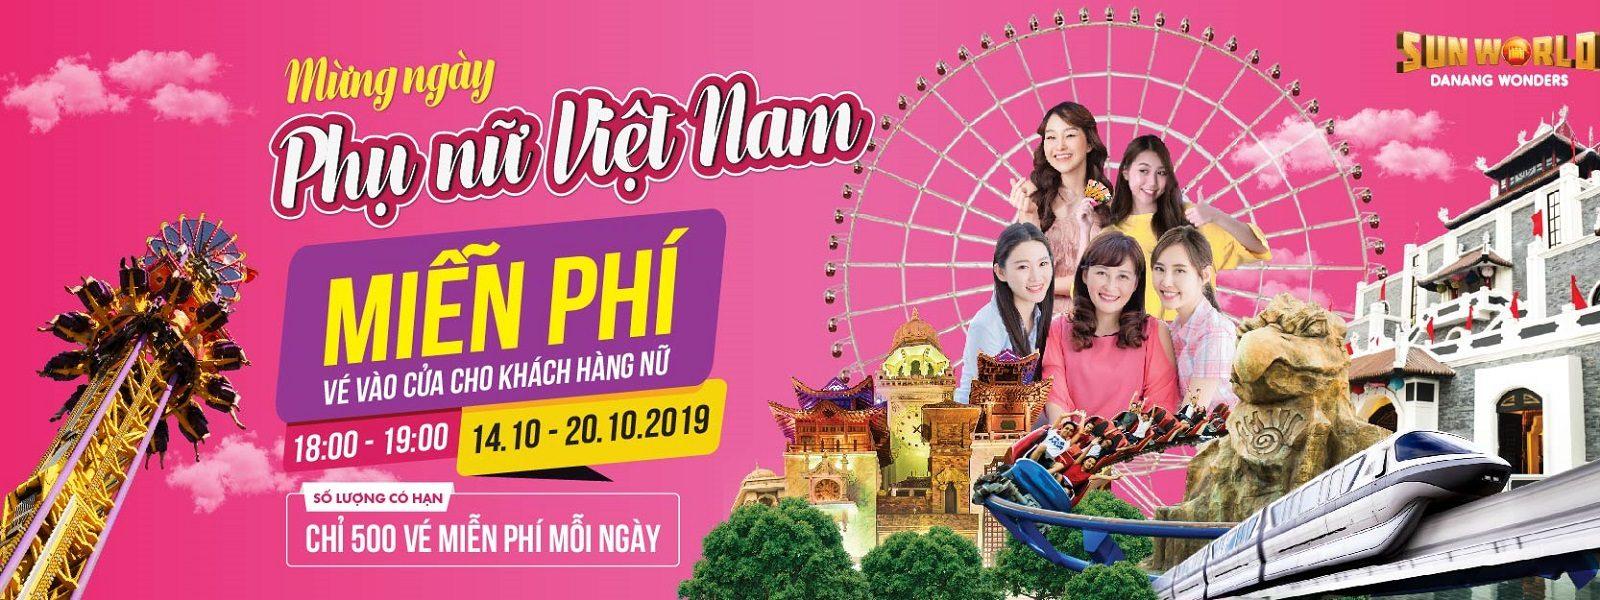 Khuyến mại ở Đà Nẵng dịp 20 - 10 công viên Châu Á Asia Park Đà Nẵng